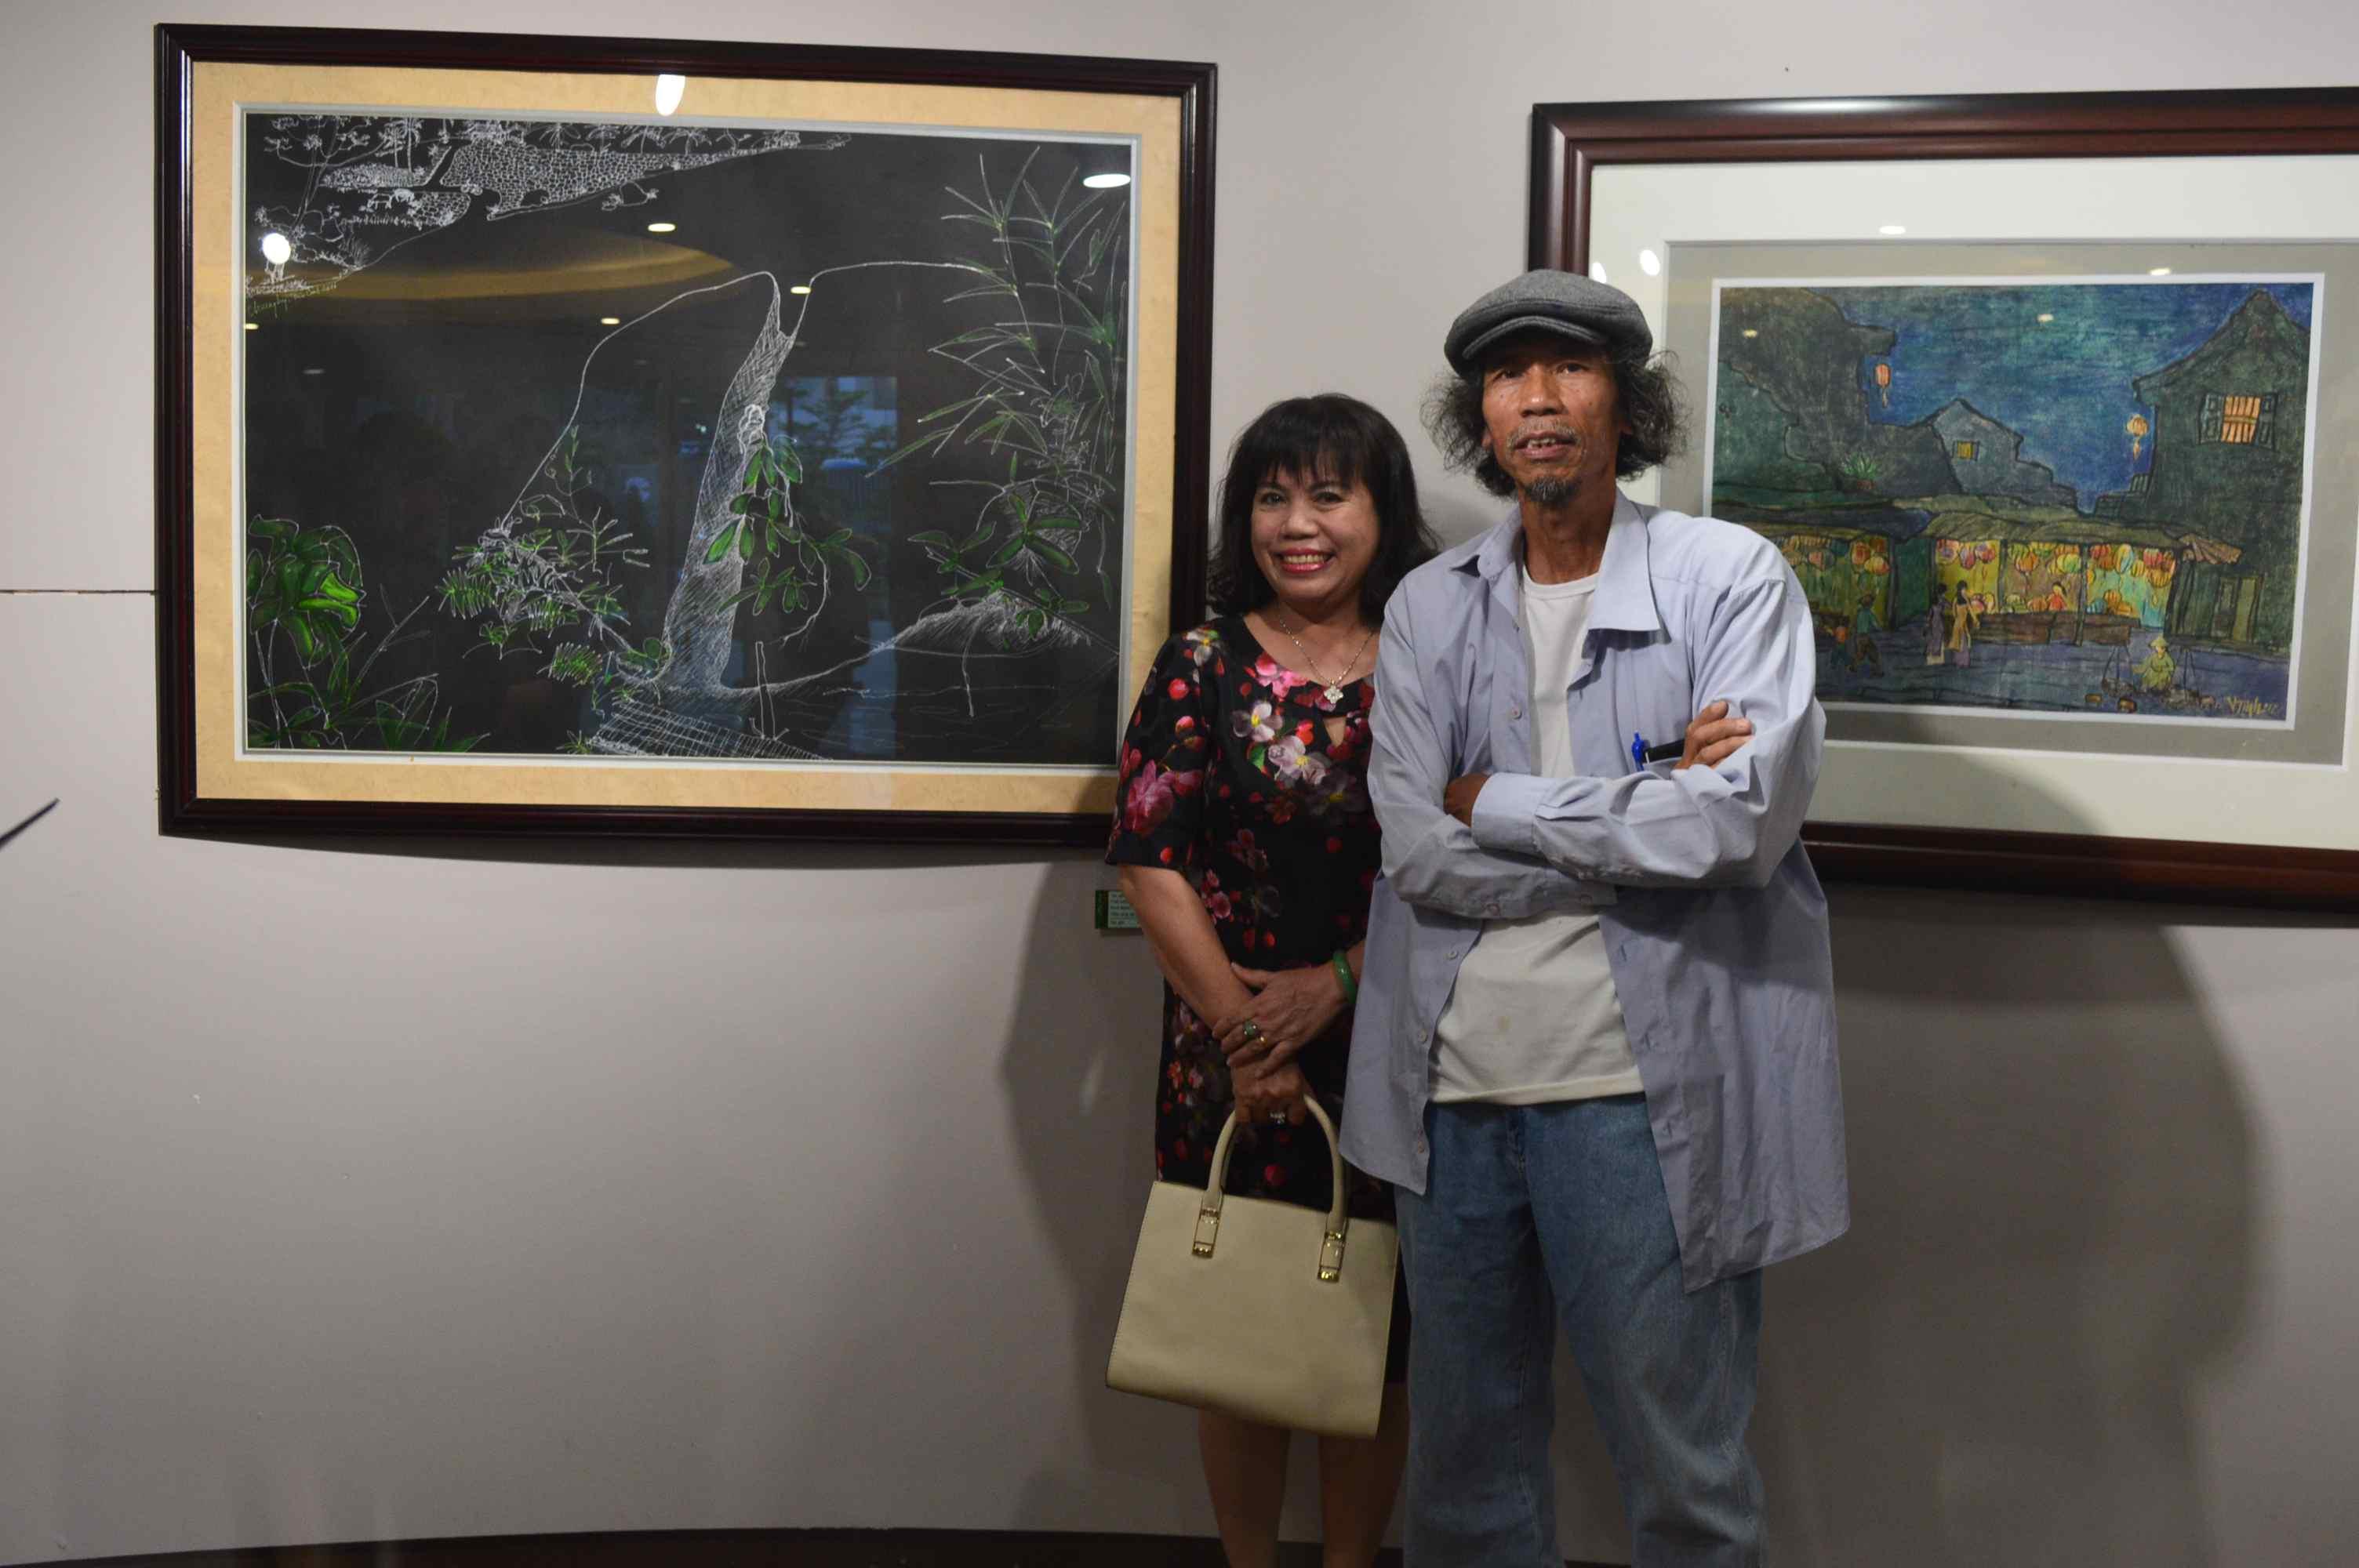 Họa sỹ Nguyễn Thượng Hỷ (phải) bên tác phẩm của mình trưng bày tại triển lãm. Ảnh: Q.T